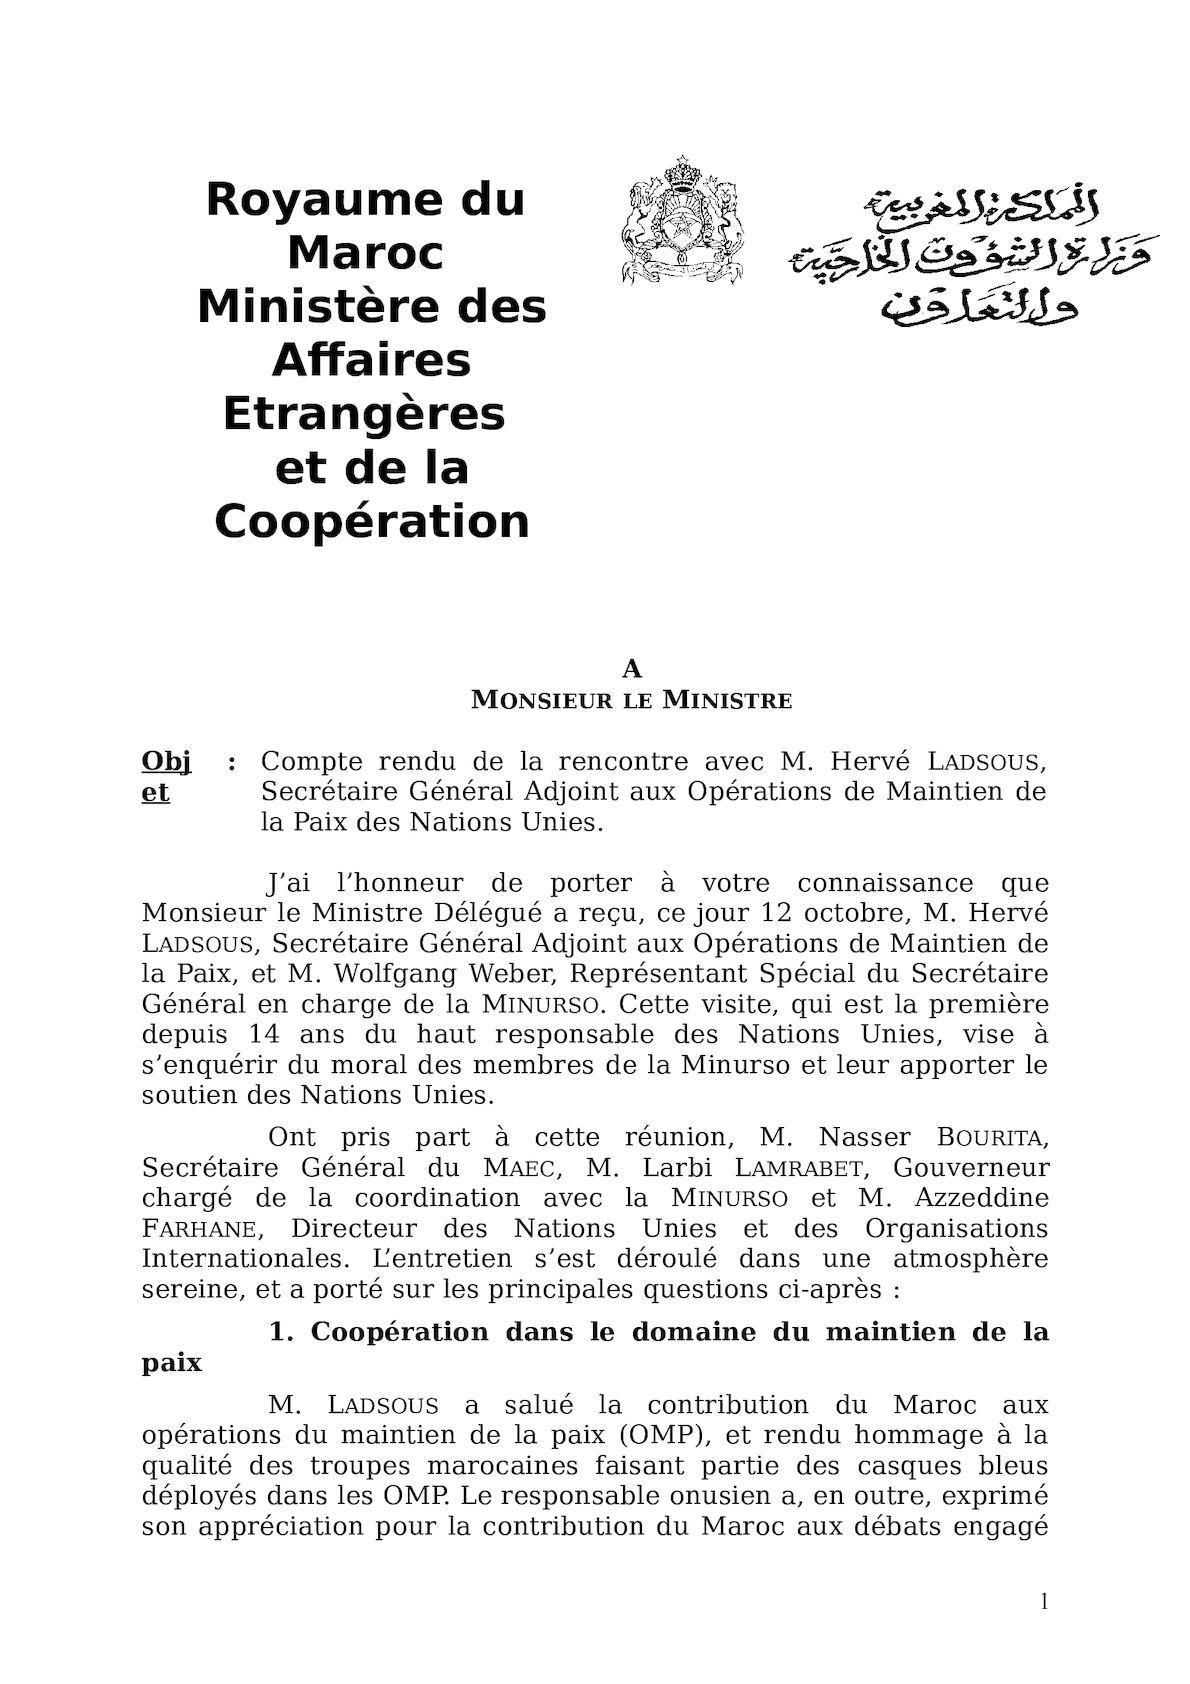 Compte Rendu De La Rencontre Avec M Hervé Ladsous, Secrétaire Général Adjoint Aux Opérations De Maintien De La Paix Des Nations Unies